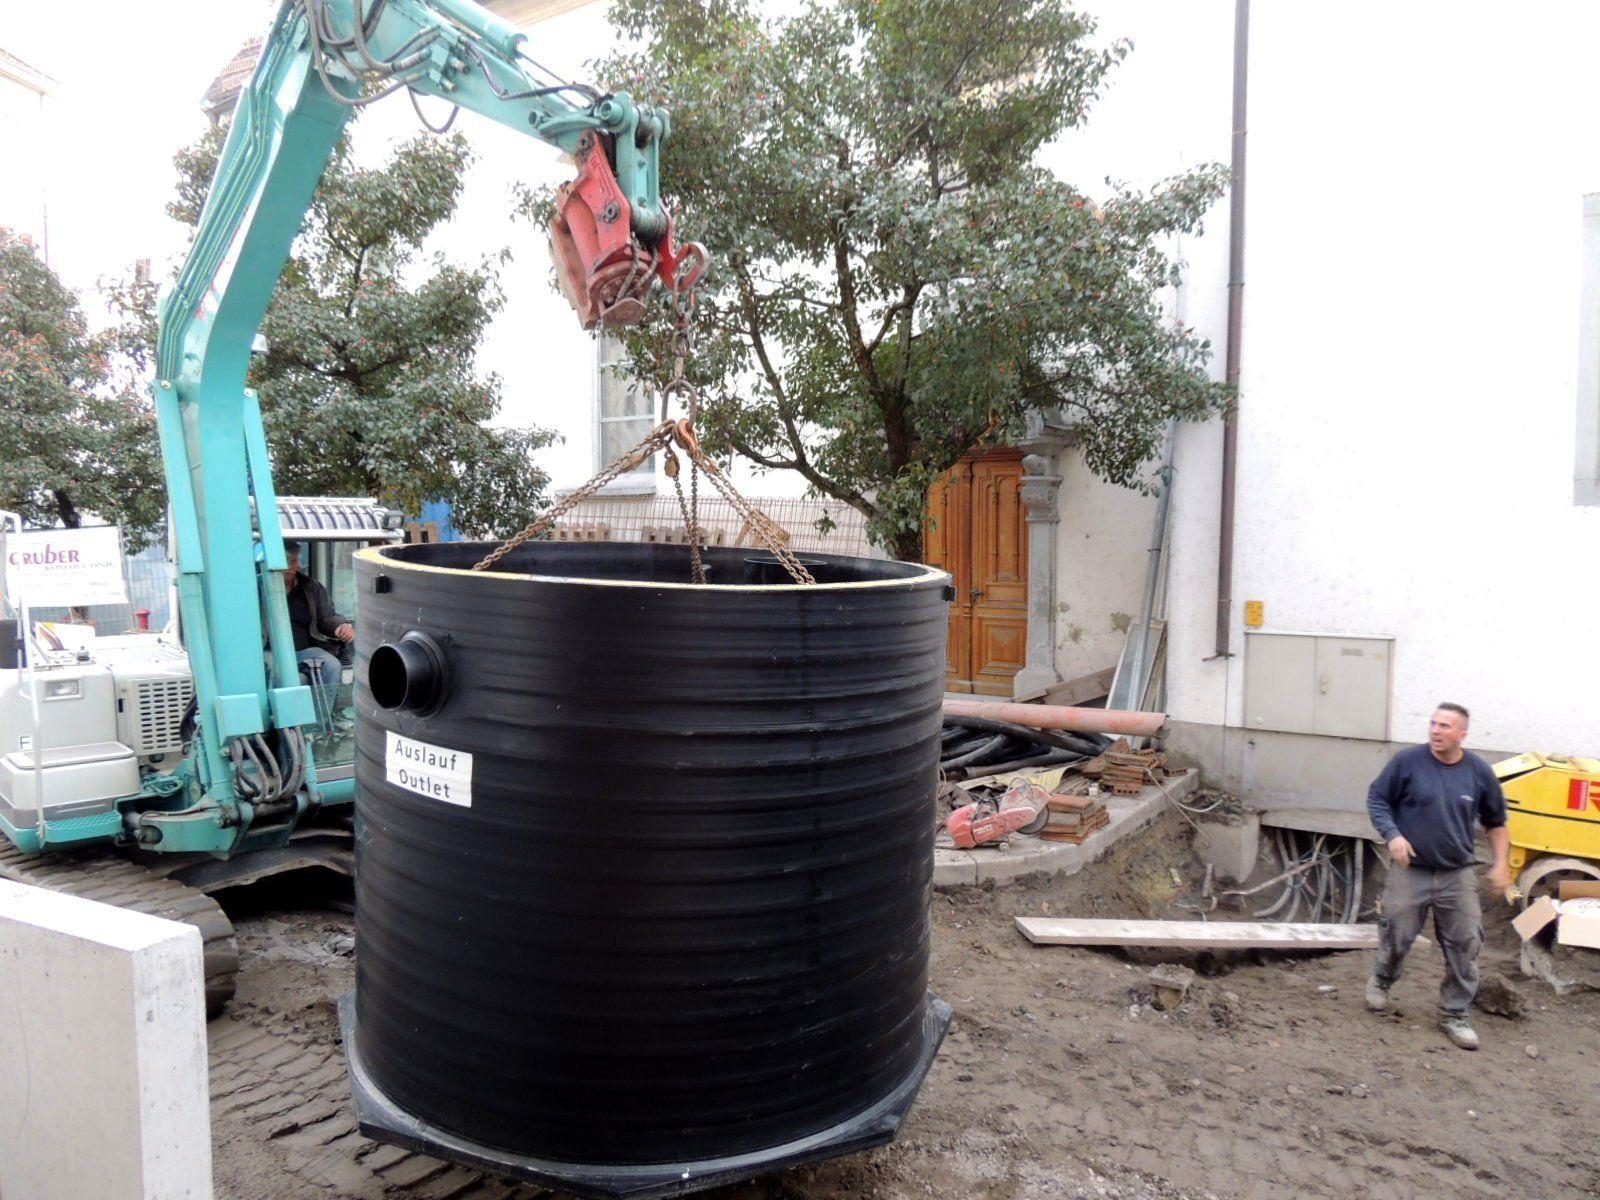 Großdimensionierter Fettabscheider eingebaut - Bregenz  VOL.AT